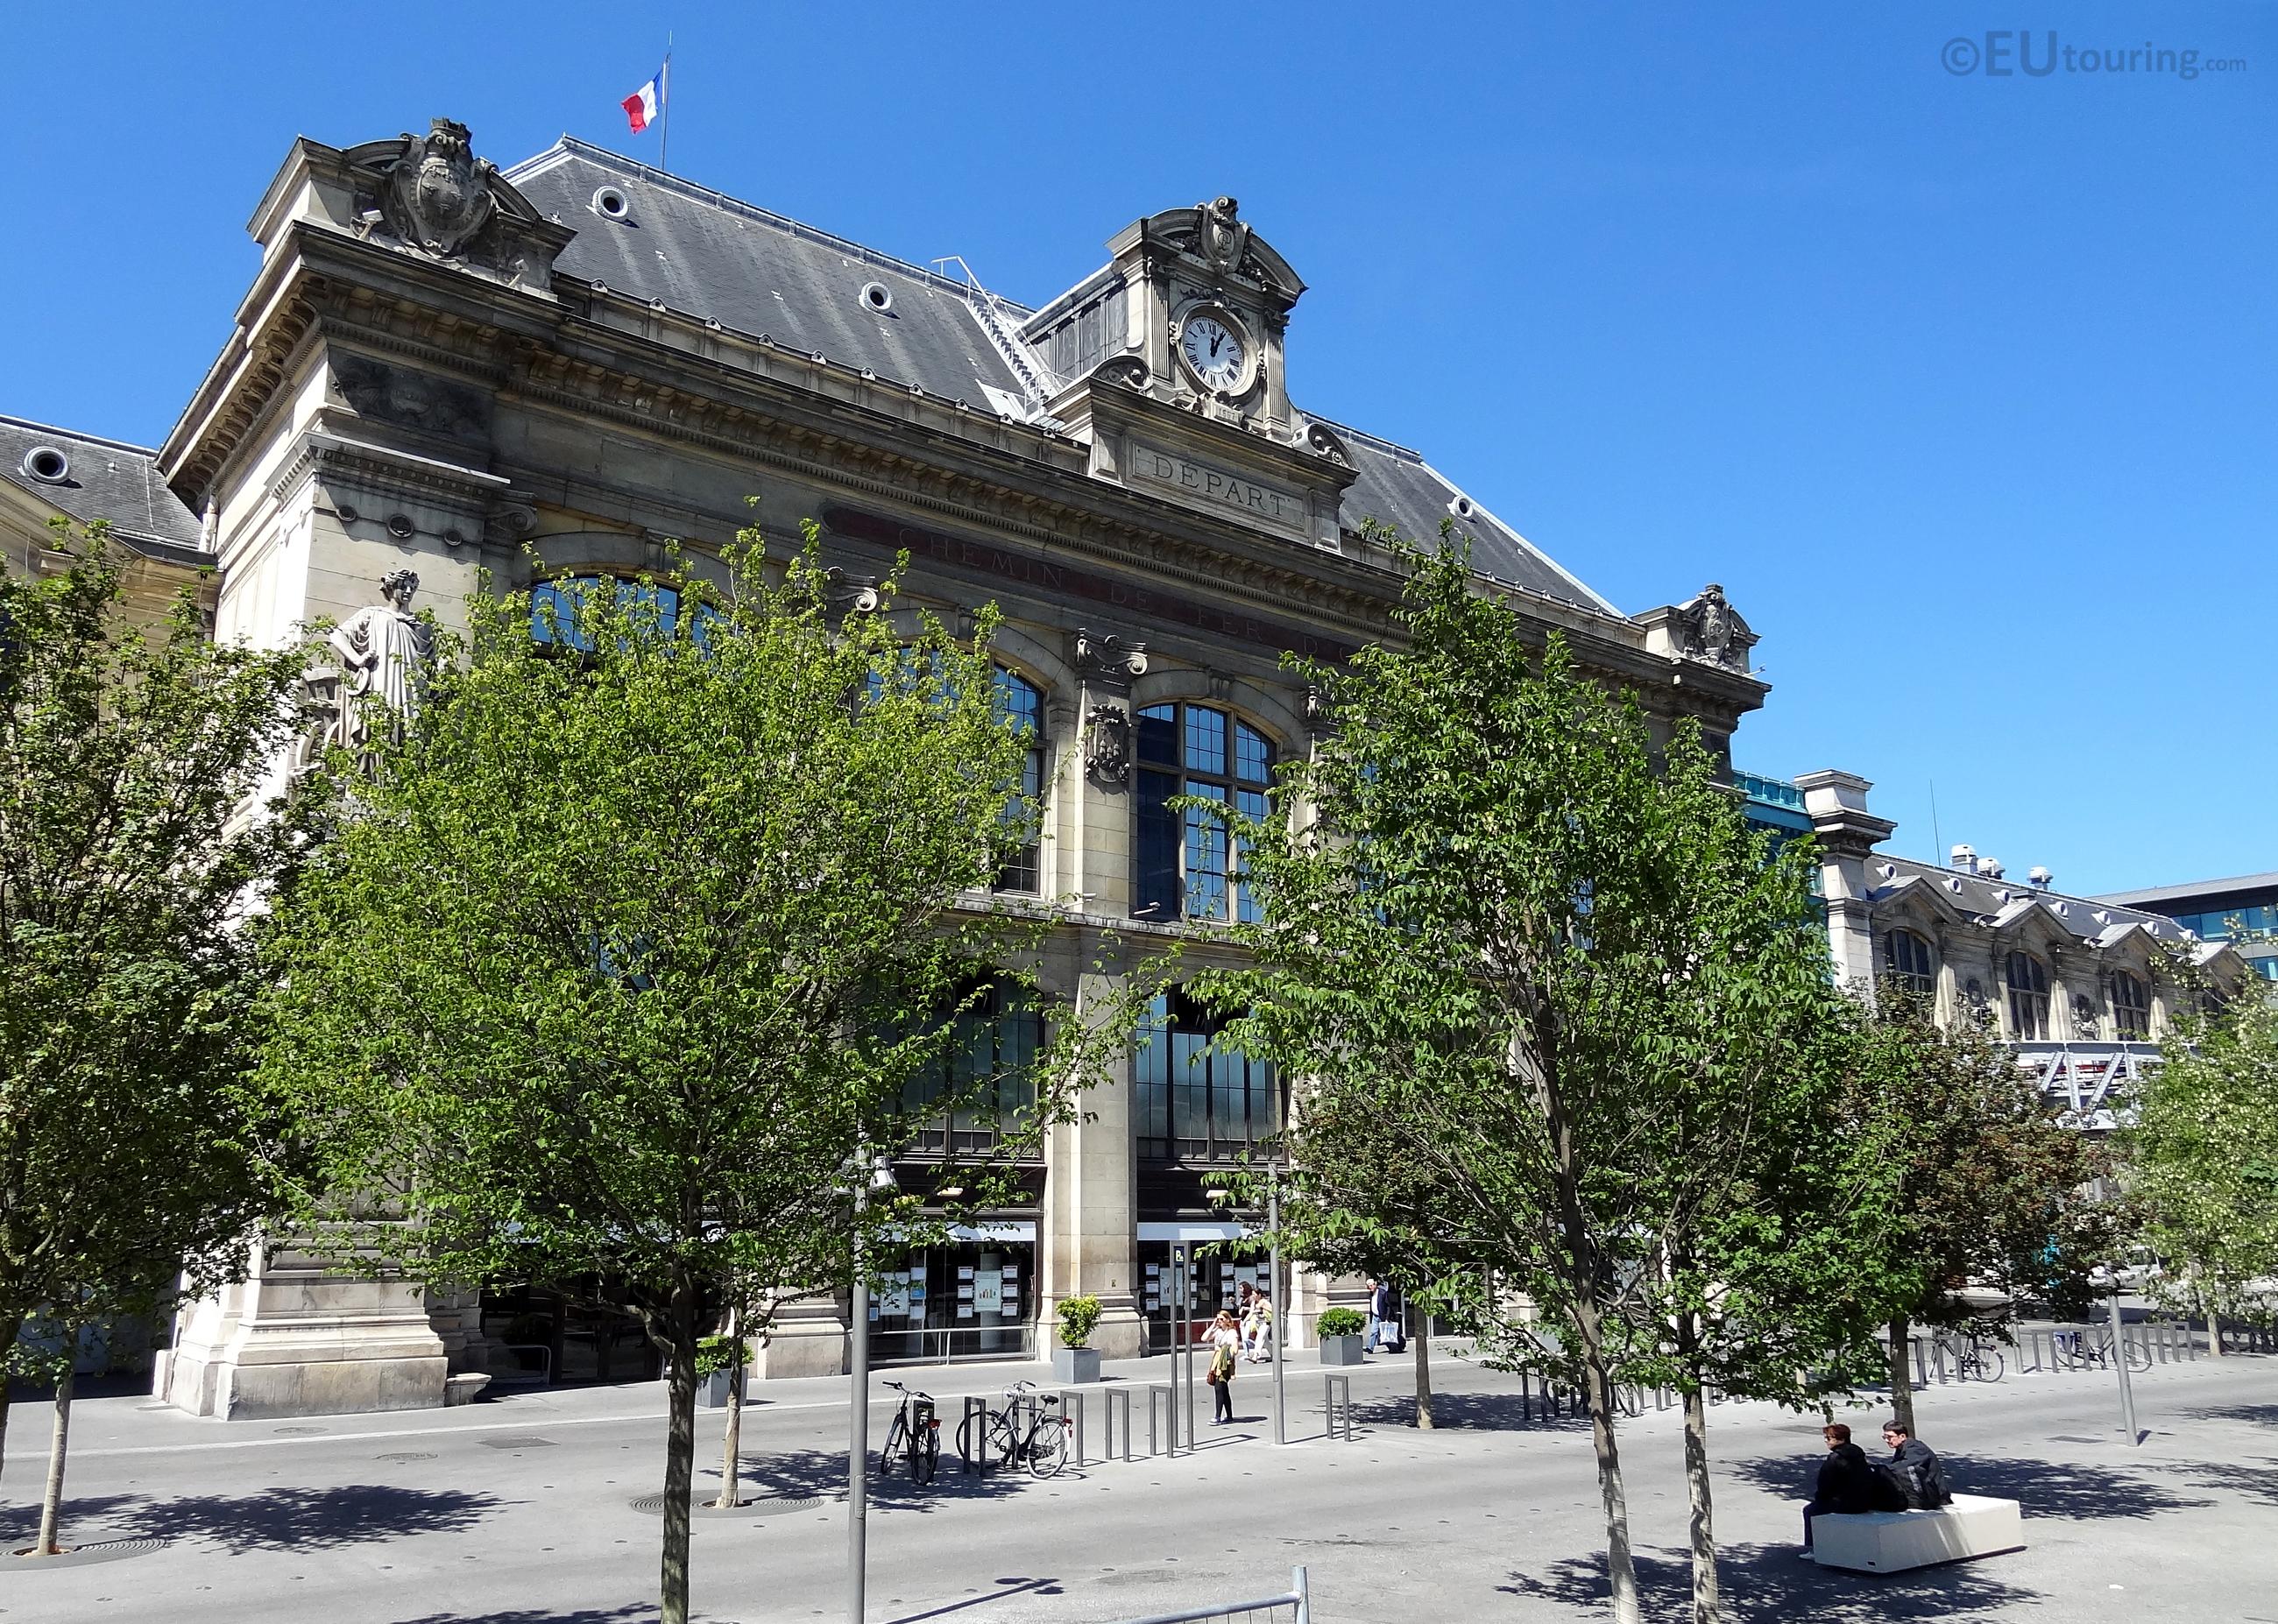 Facade of Gare d'Austerlitz